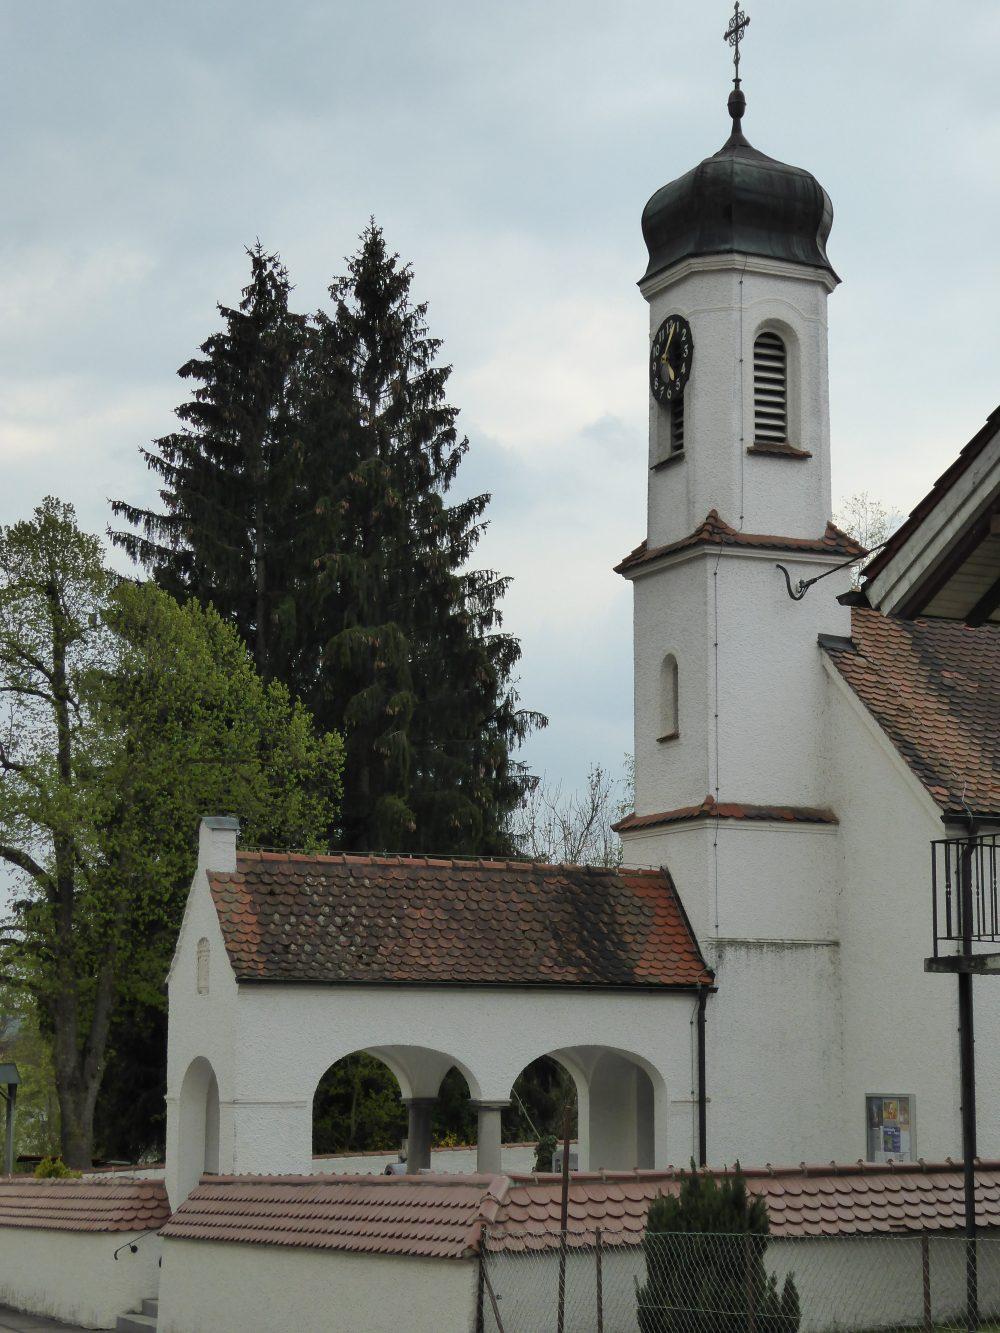 Sankt Antonius Ferthofen von außen